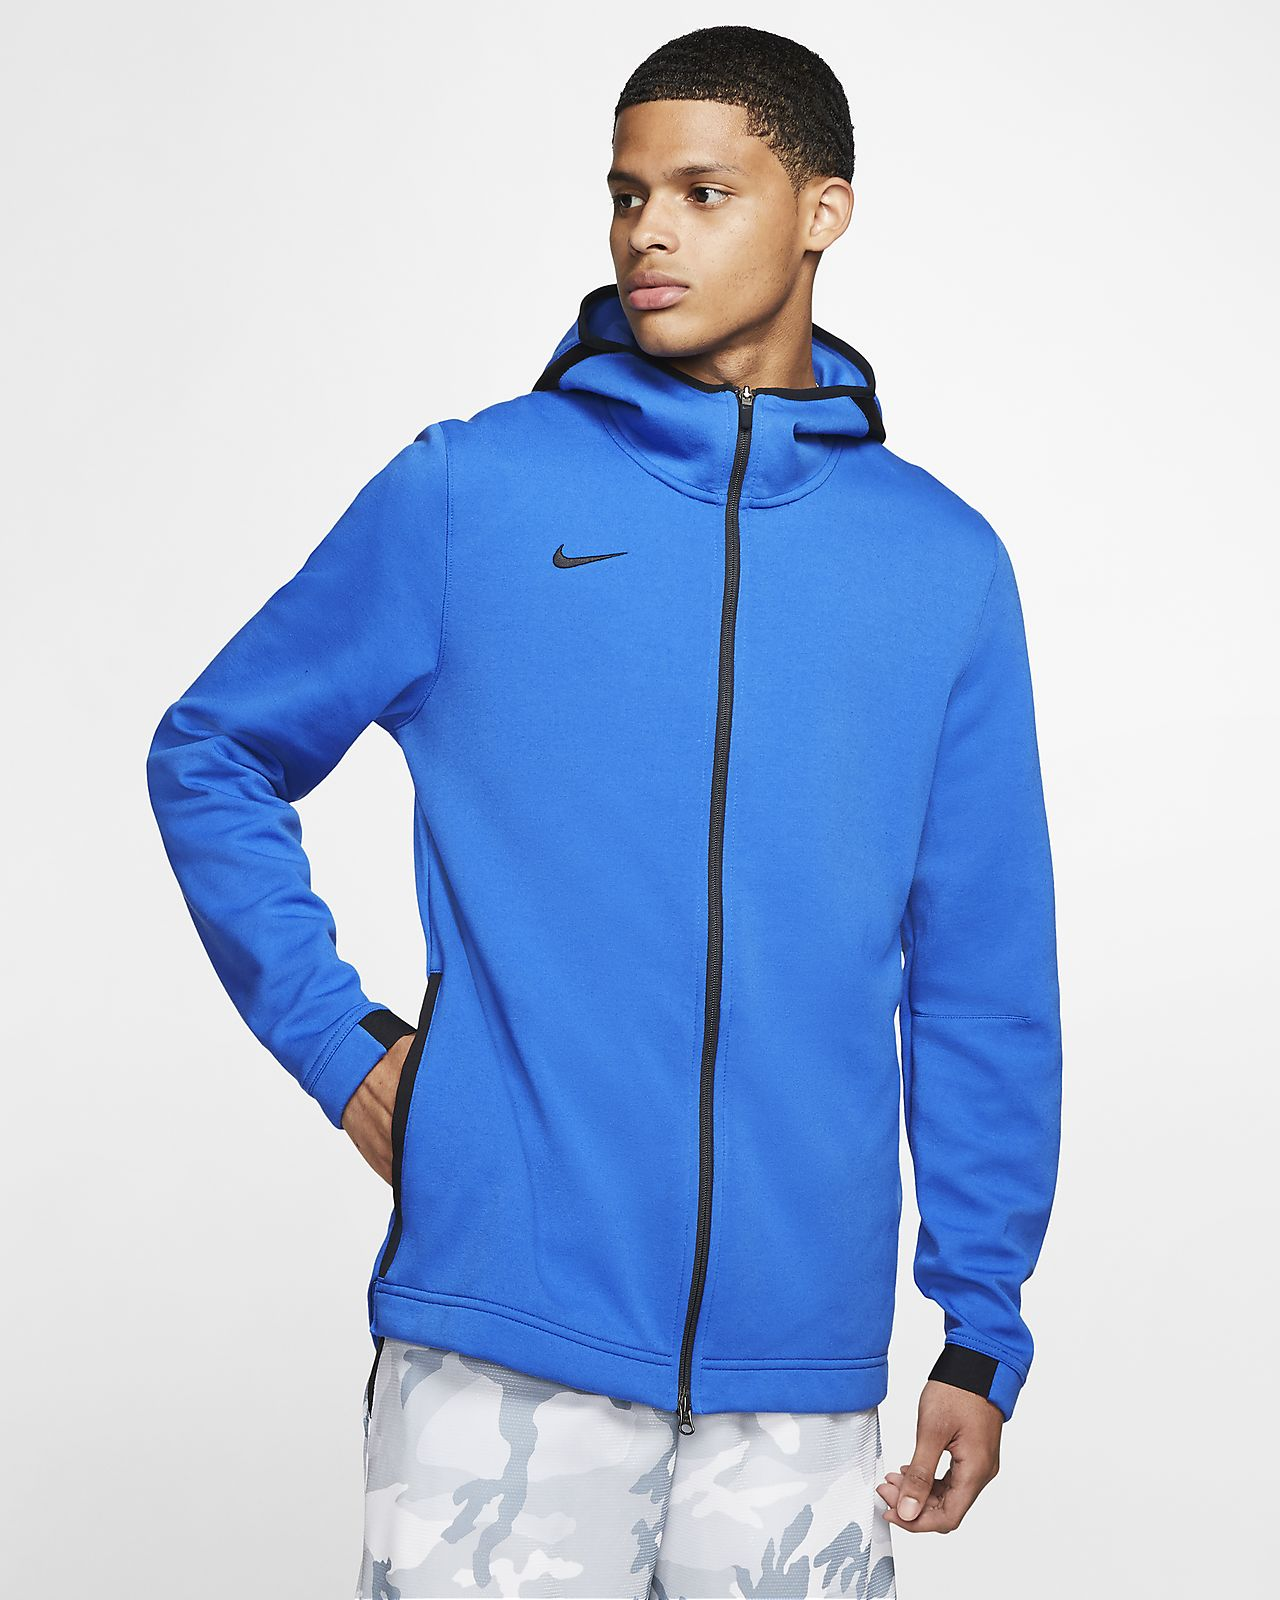 Nike Dri FIT Showtime Men's Full Zip Basketball Hoodie